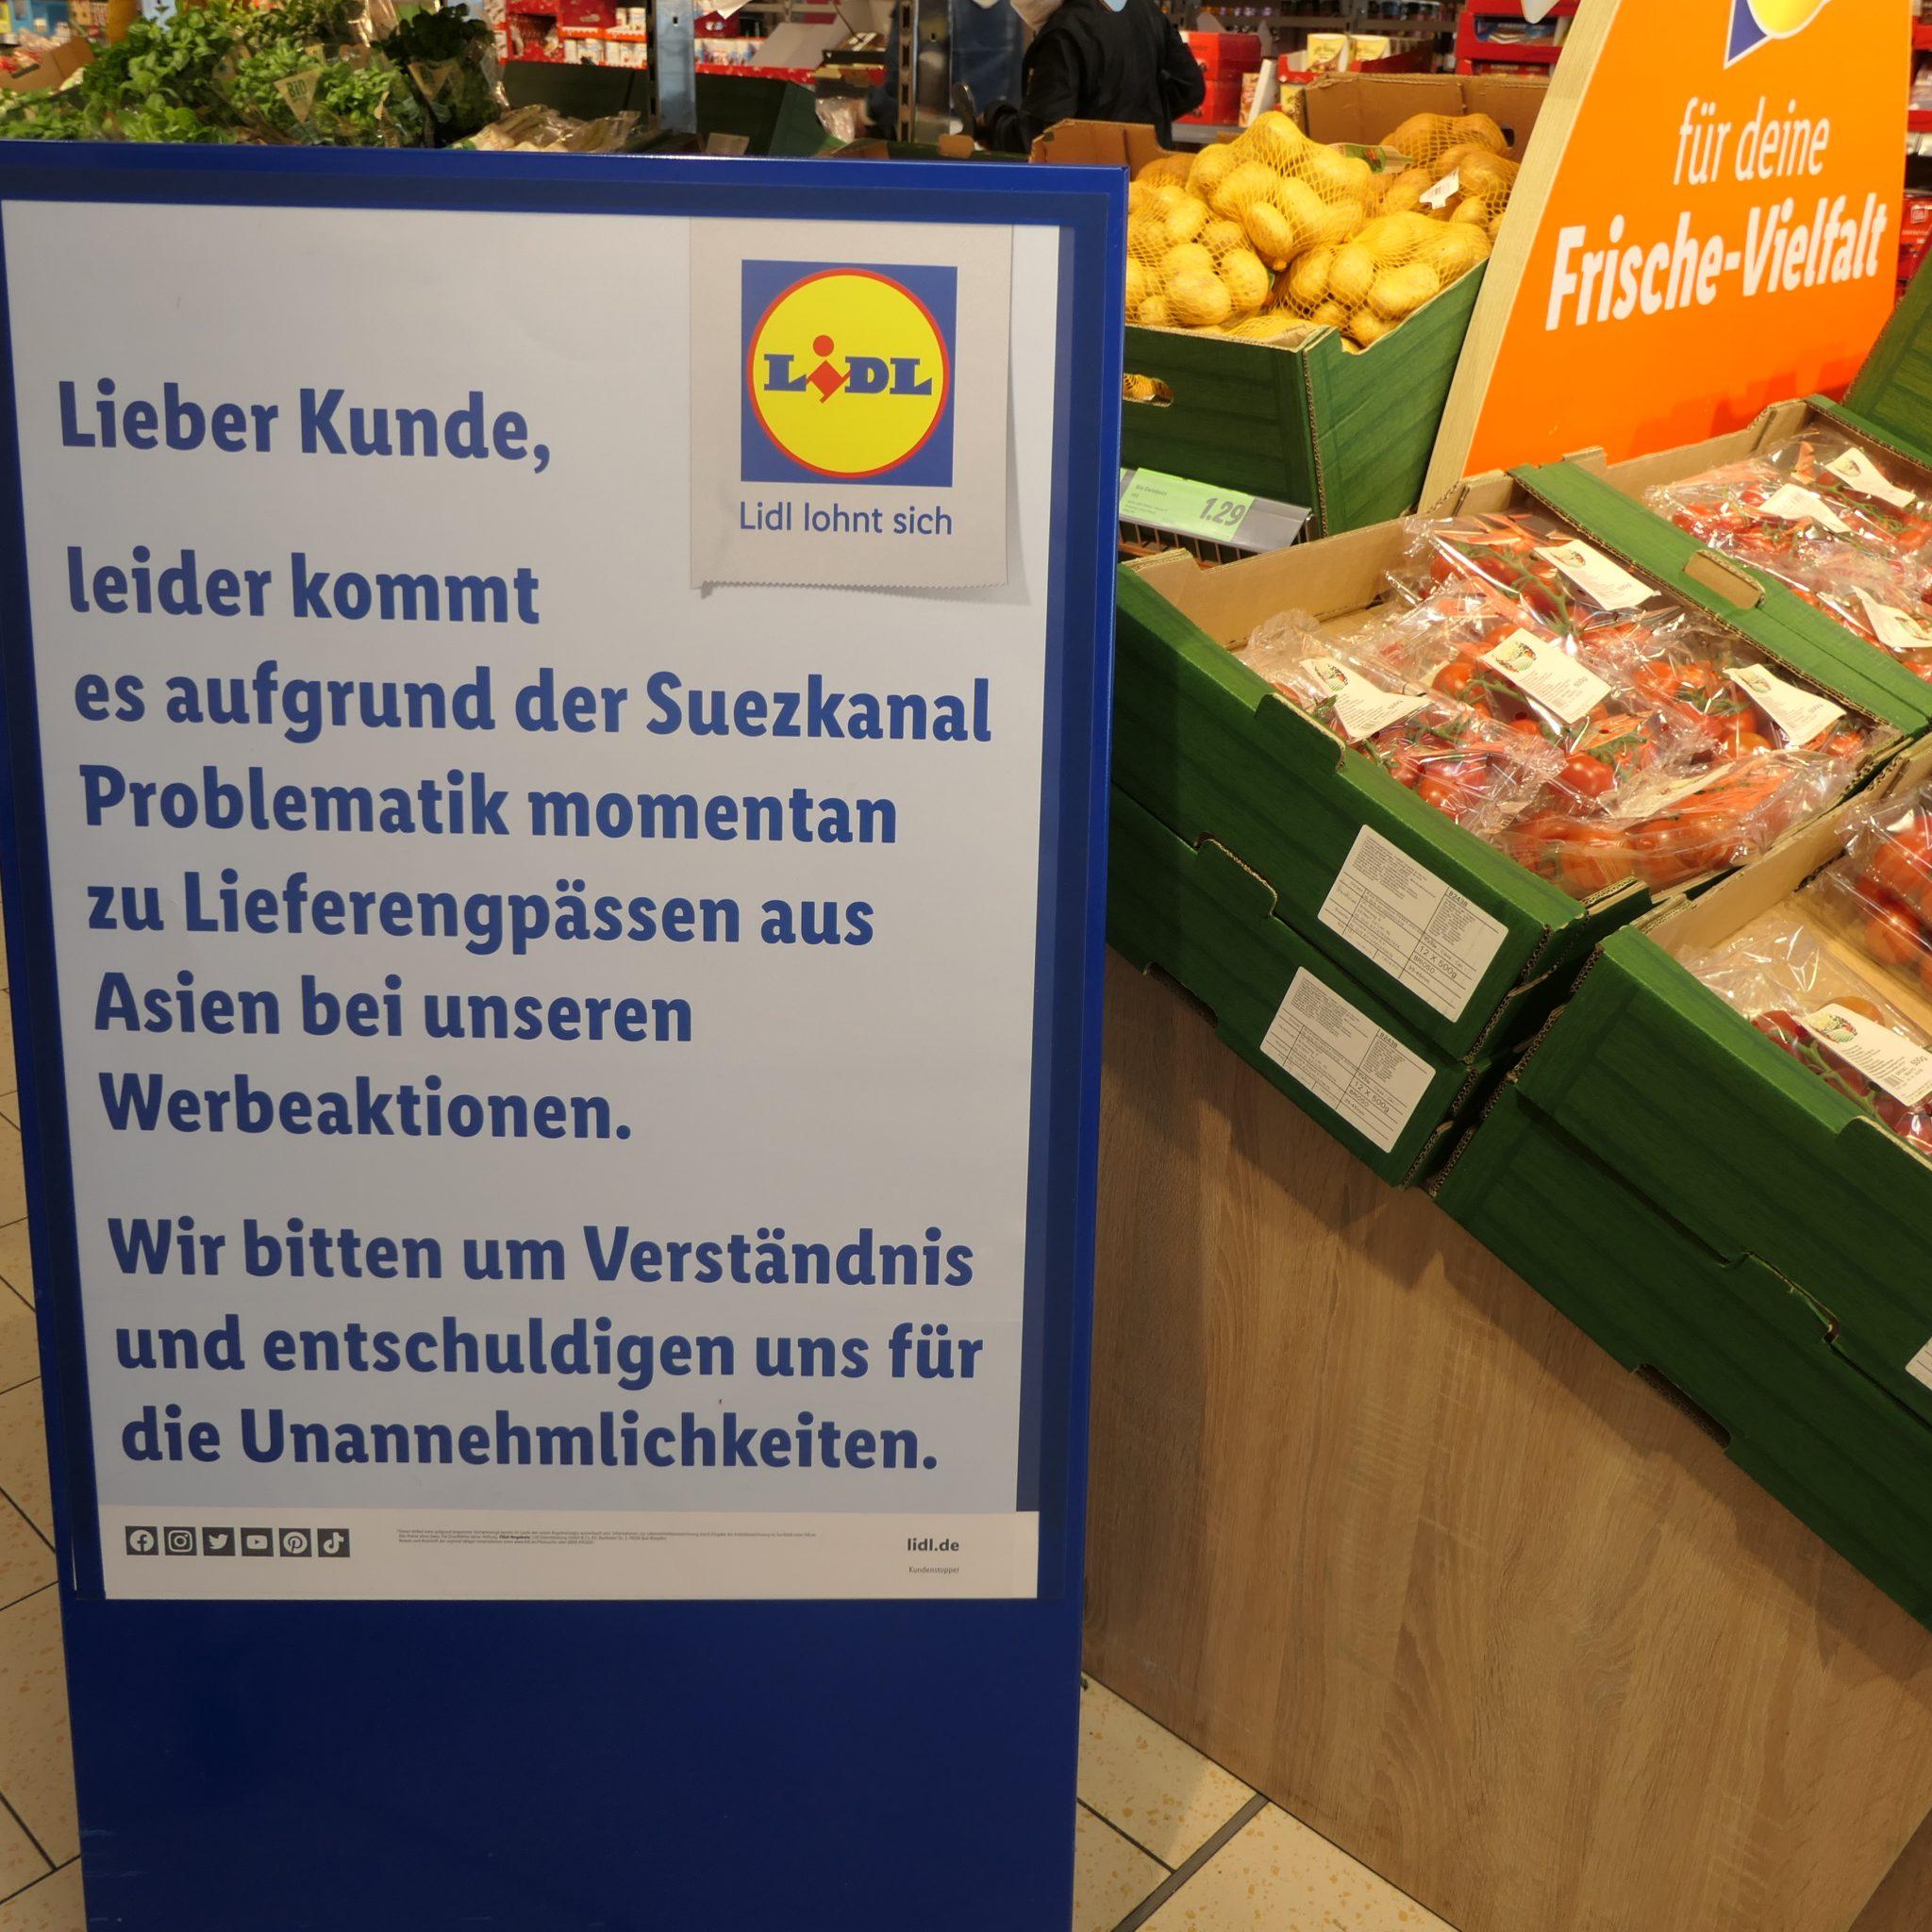 Het bord zoals Lidl dat in Duitsland in al haar filialen heeft geplaatst. Er worden excuses gemaakt en begrip gevraagd voor het feit dat bepaalde aanbiedingen niet geleverd kunnen worden vanwege de 'Suezkanaal-affaire'. (Foto Willem de Niet)